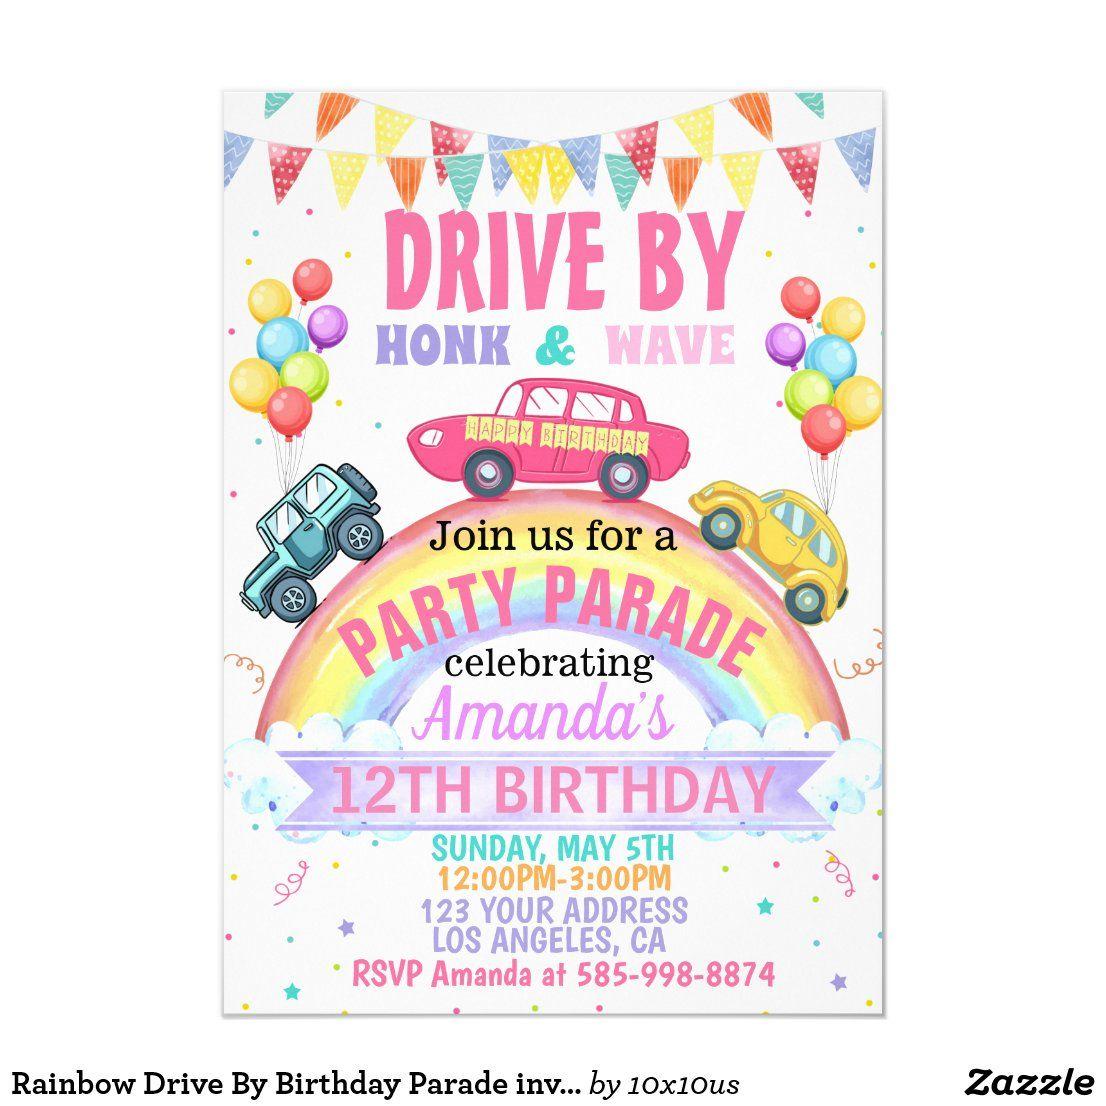 Rainbow Drive By Birthday Parade invitation